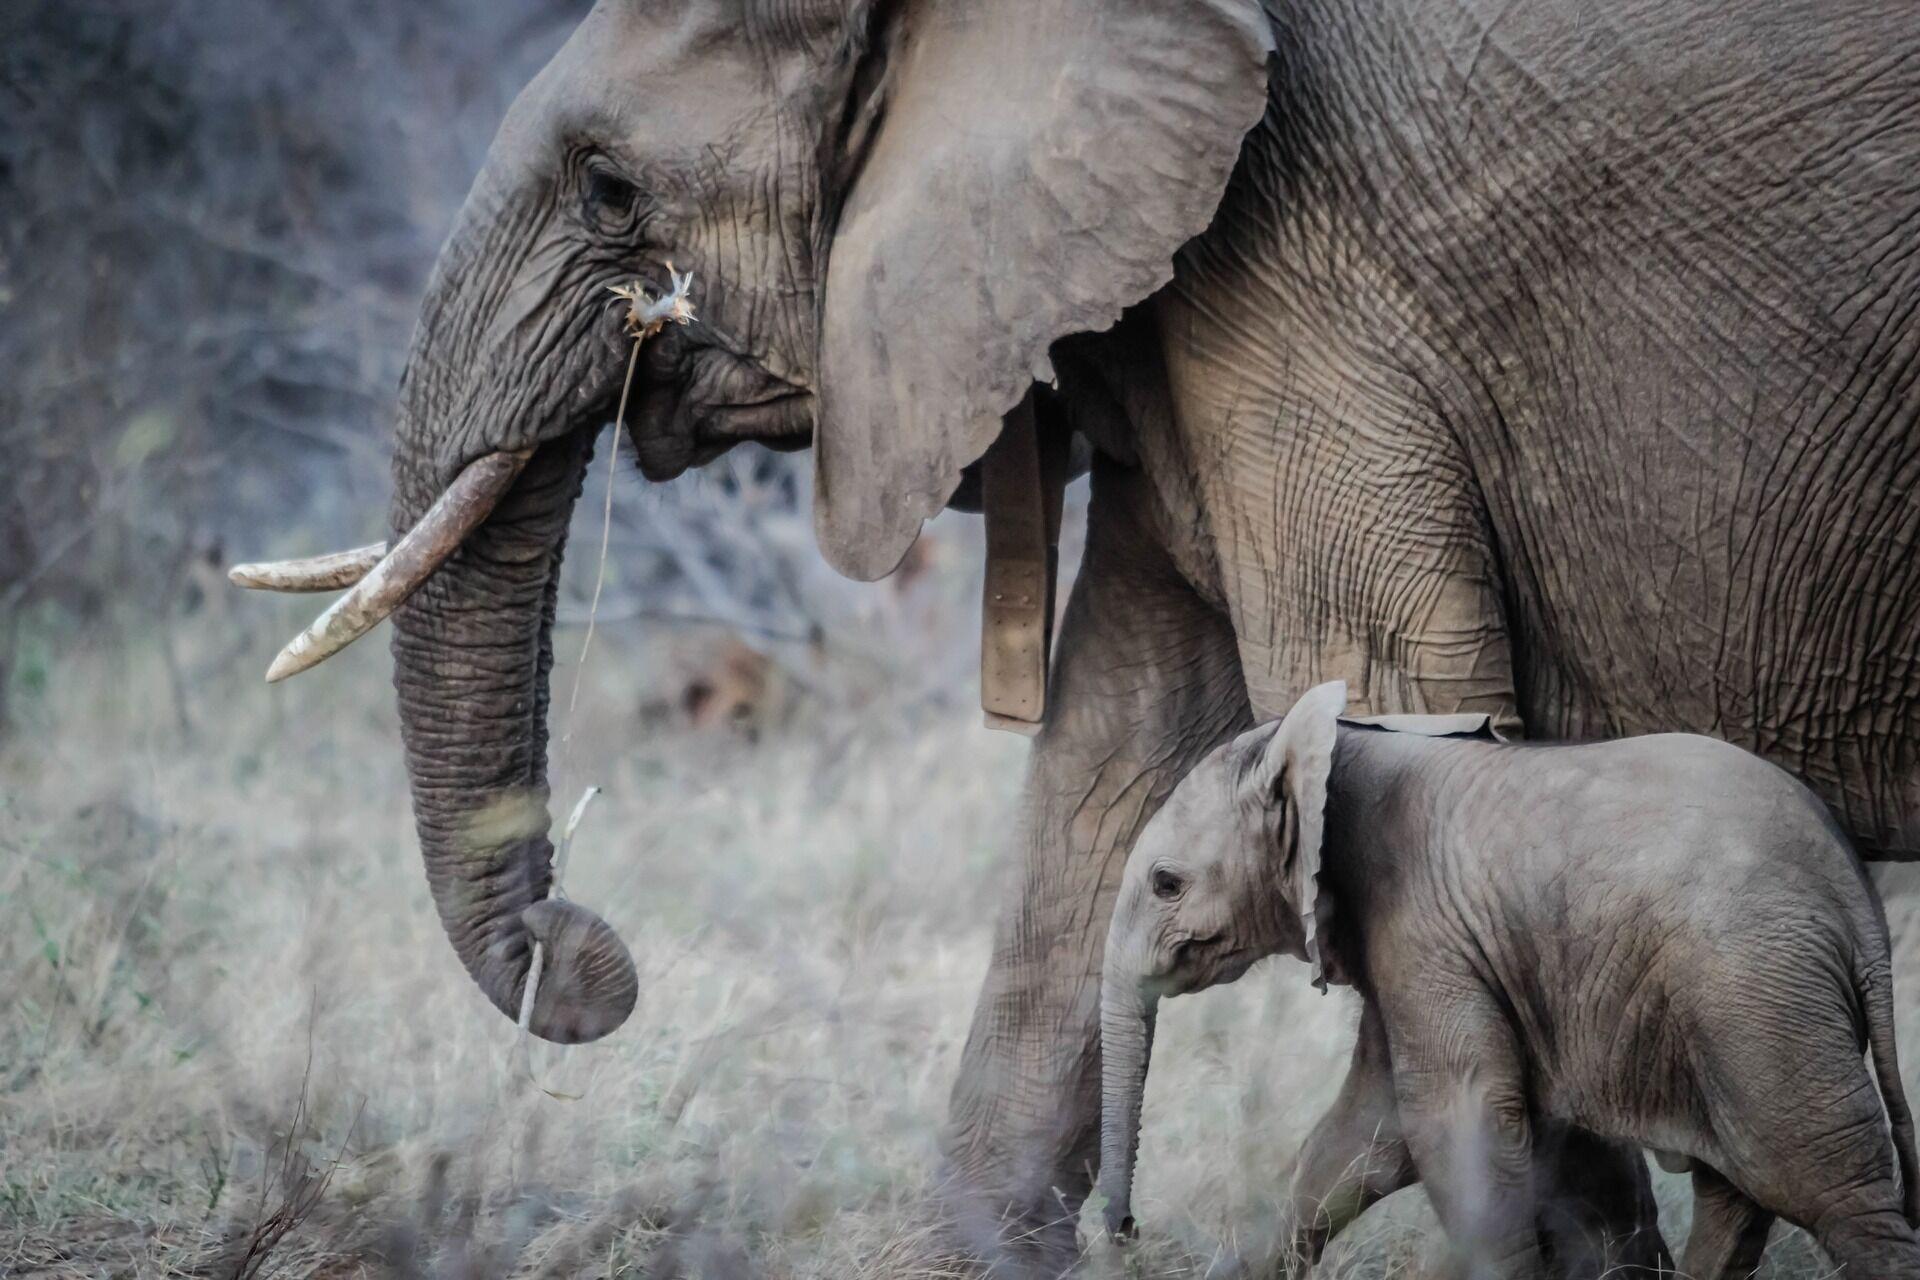 Посмотреть на диких животных можно в Кении, Танзании, Ботсване, ЮАР и Намибии